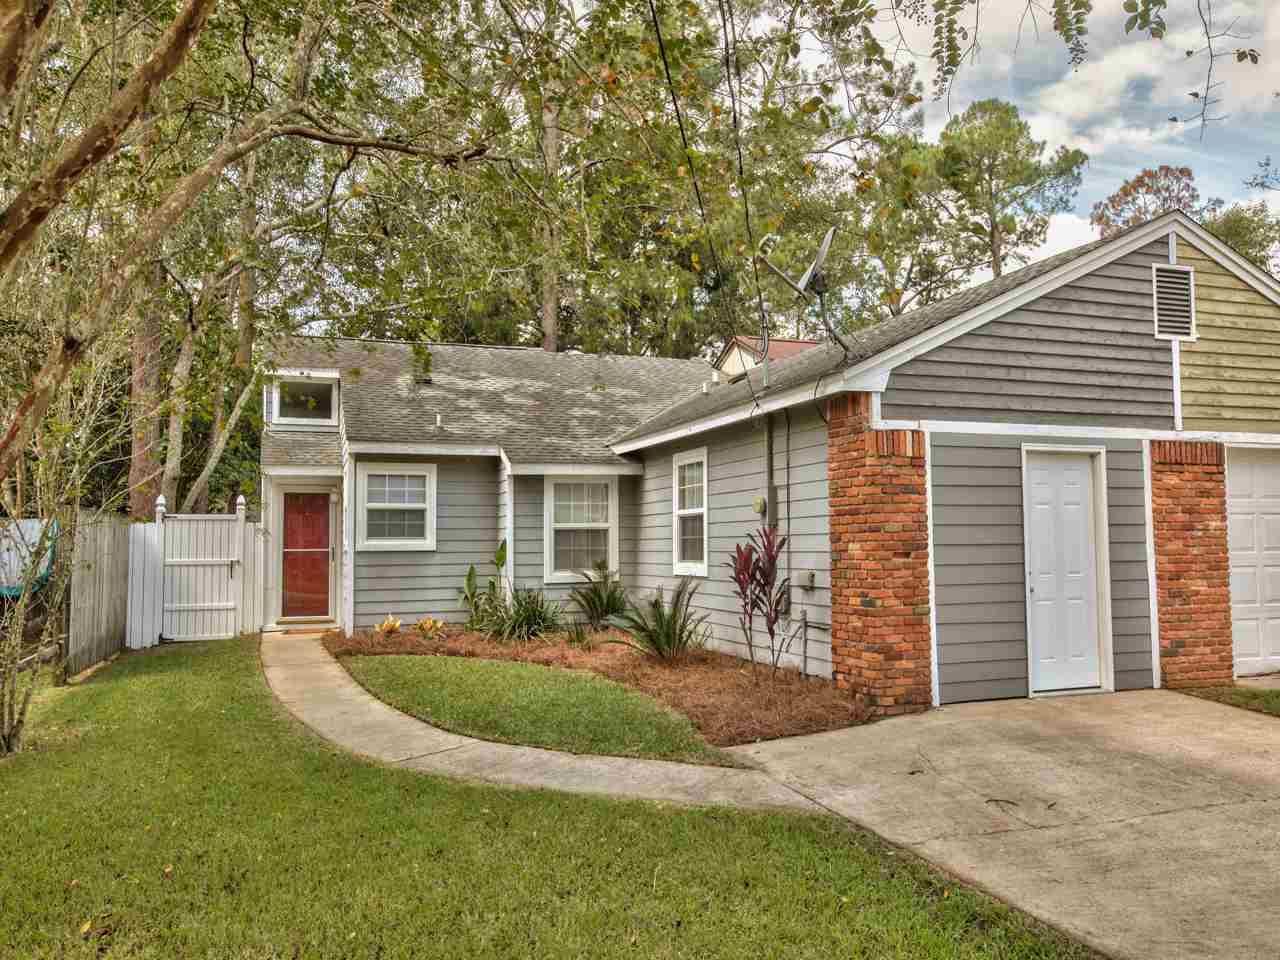 3214 Albert Drive, Tallahassee, FL 32309 - MLS#: 324555